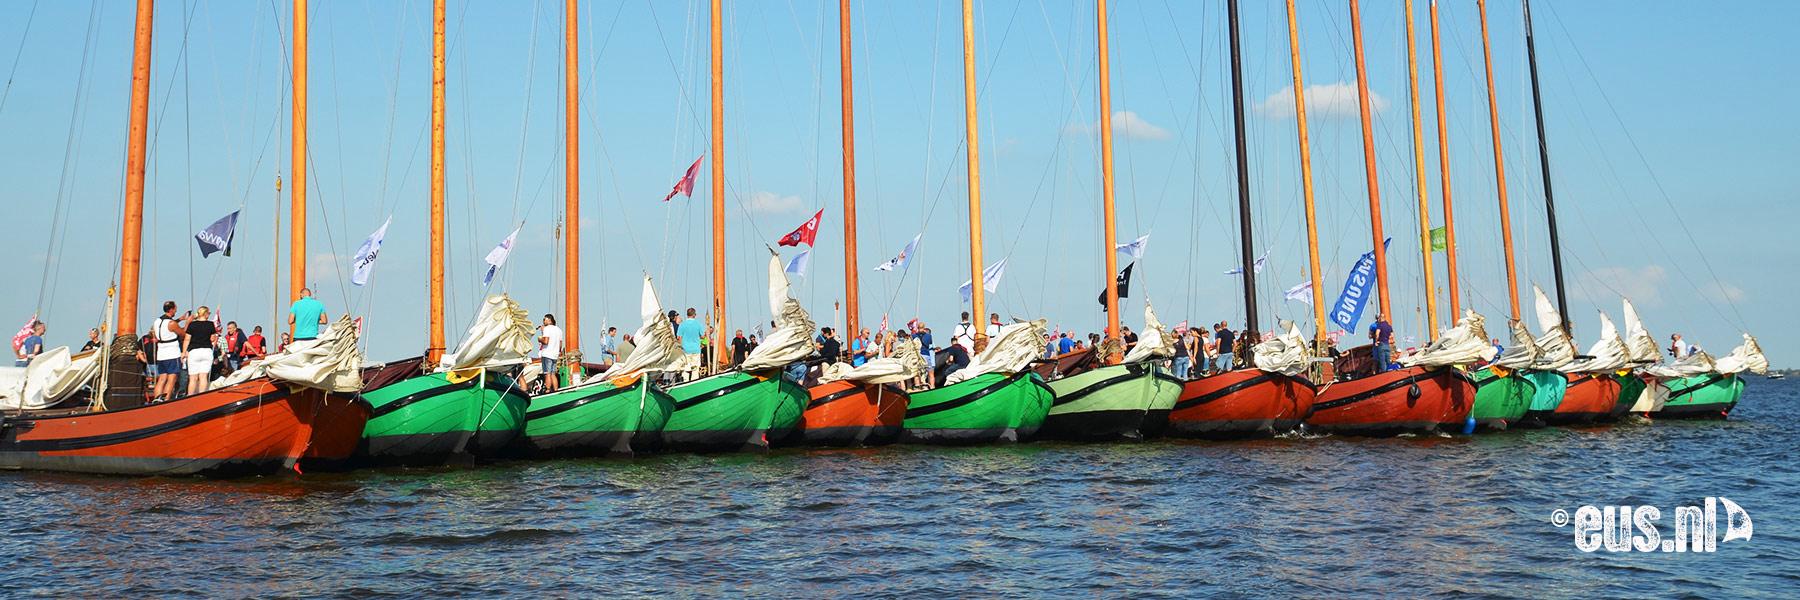 Bedrijfsuitje zeilen in Friesland met grote groep